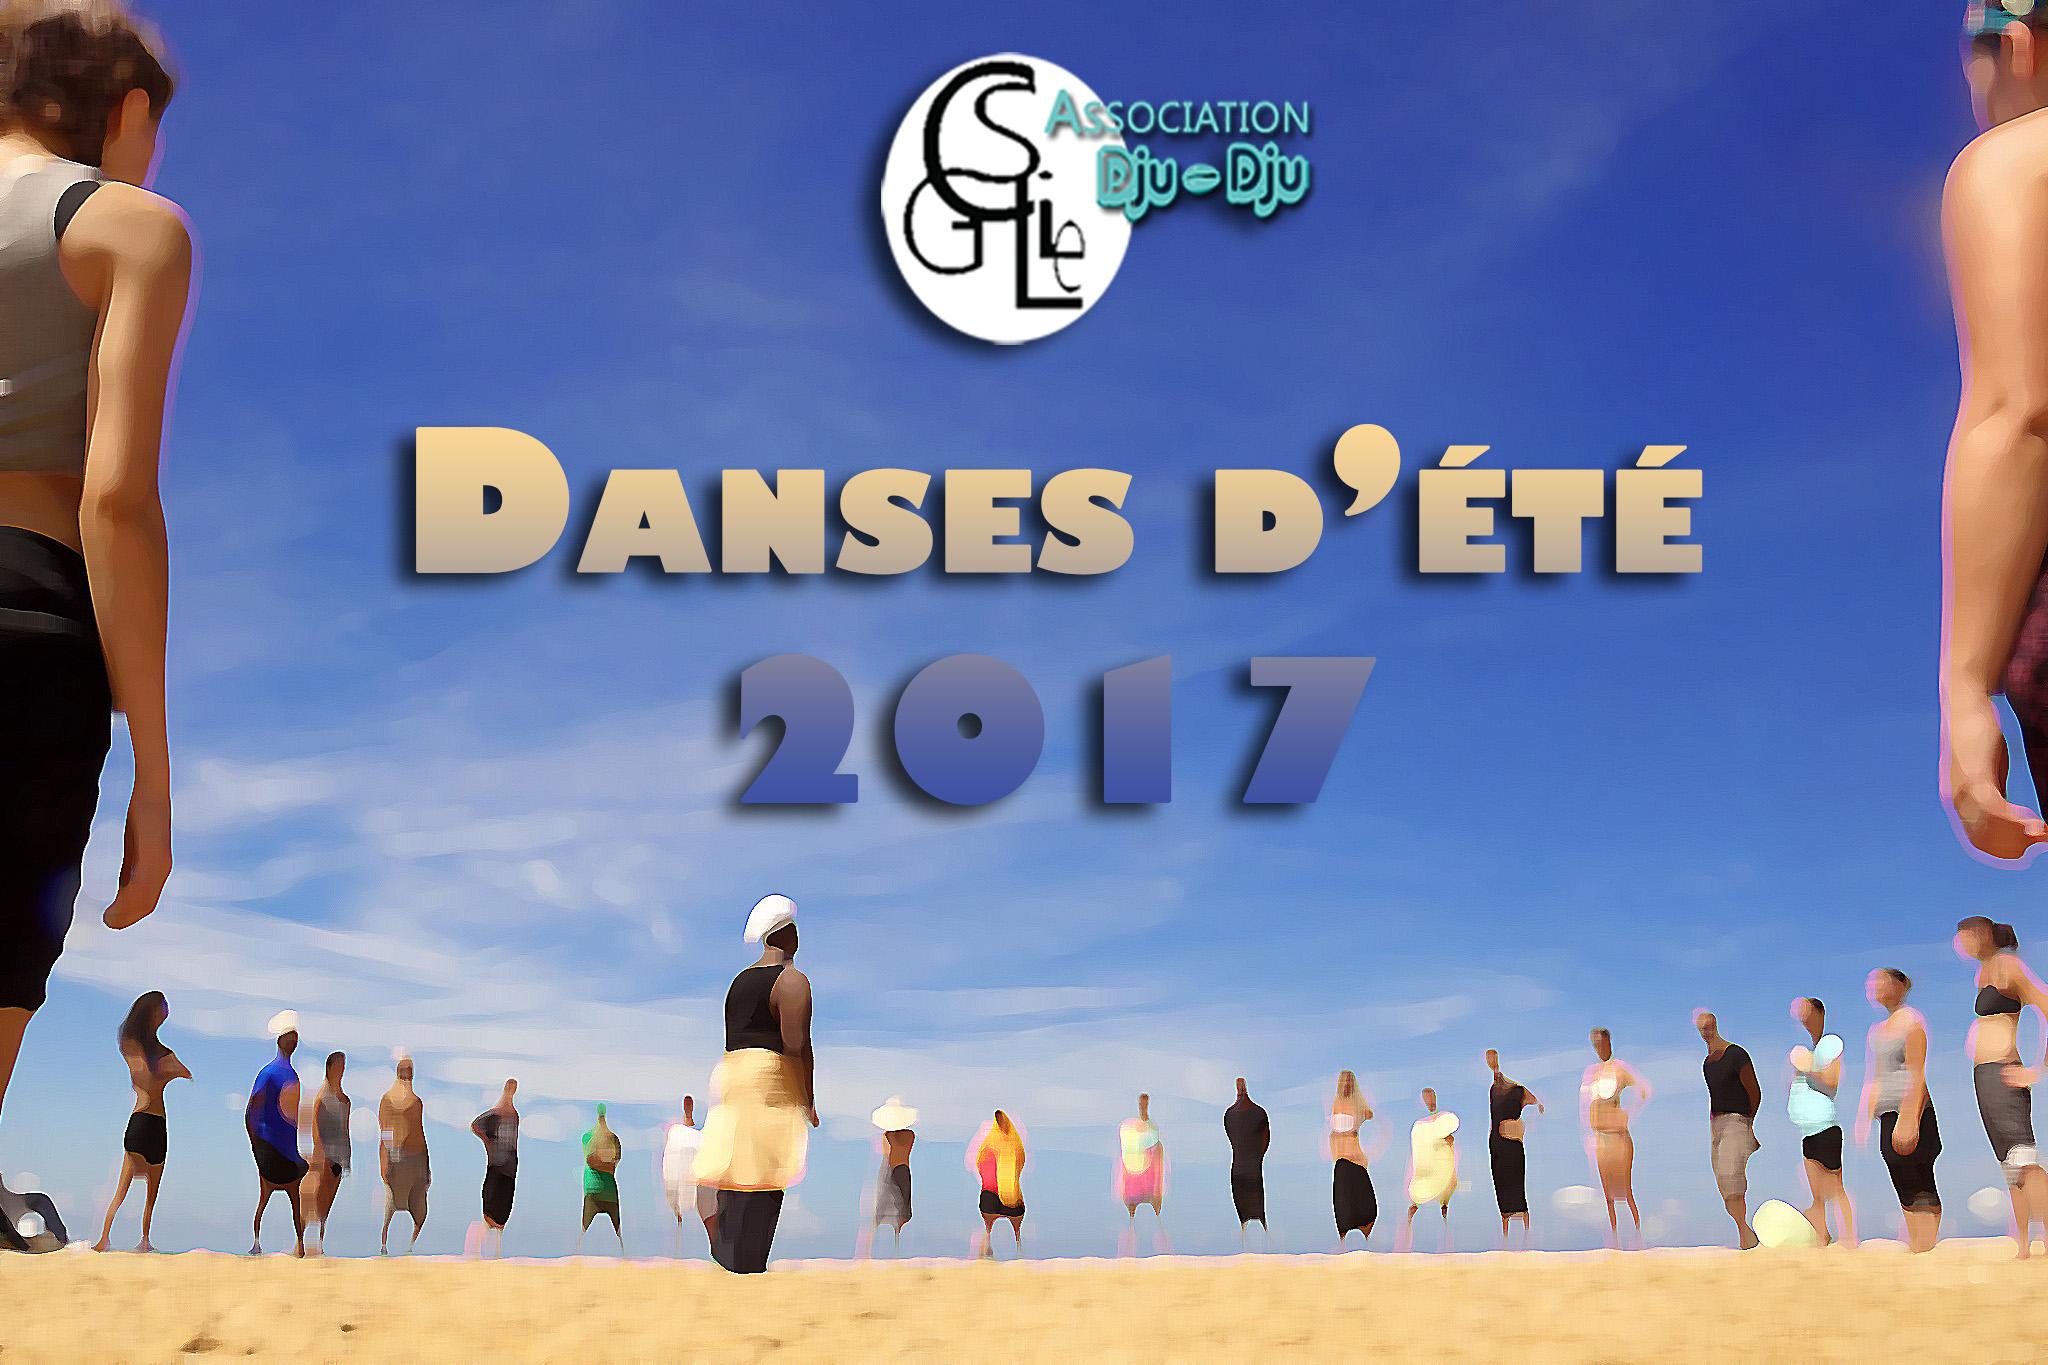 Danses d'été 2017 : stages autour d'une autre idée de la danse...